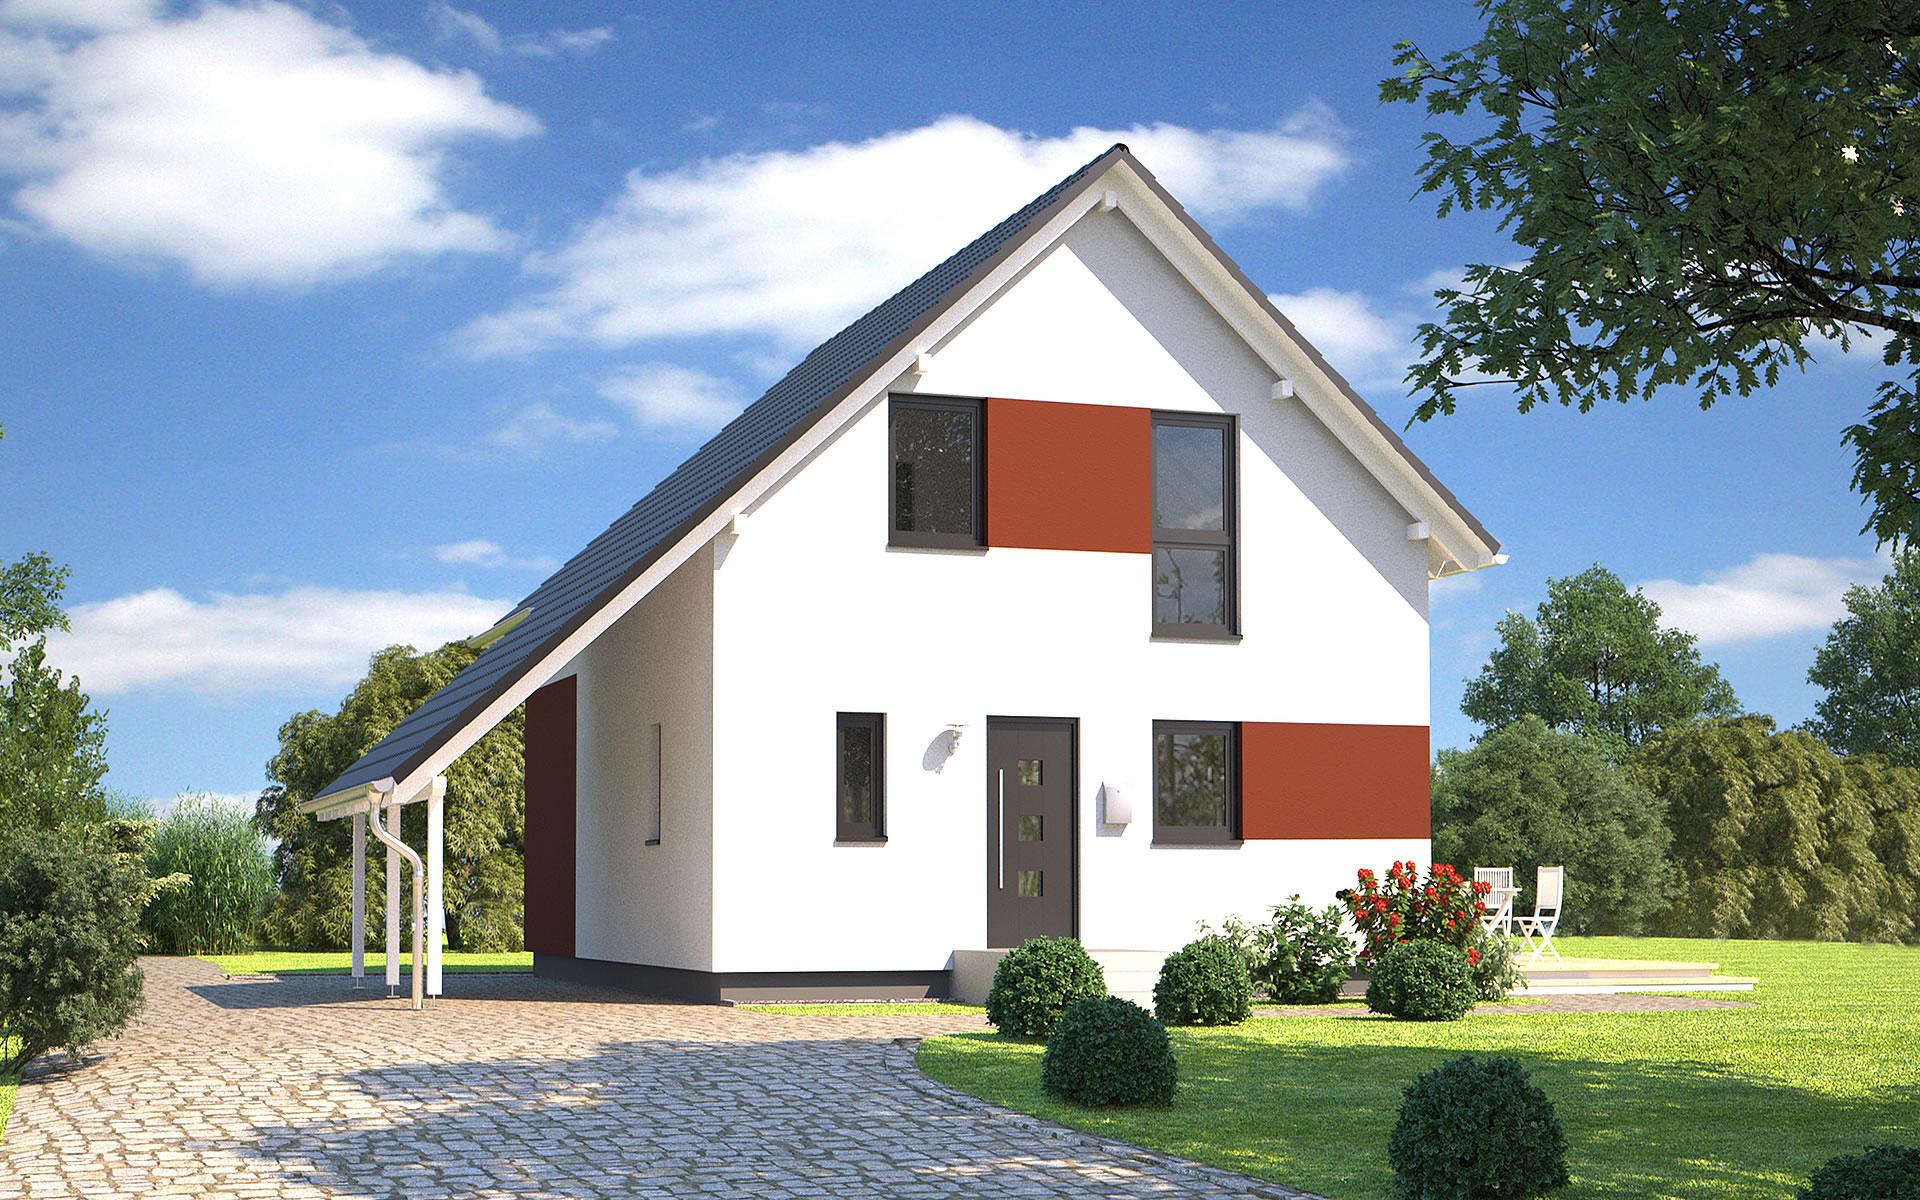 Esprit 137 von Bärenhaus - das fertige Haus GmbH